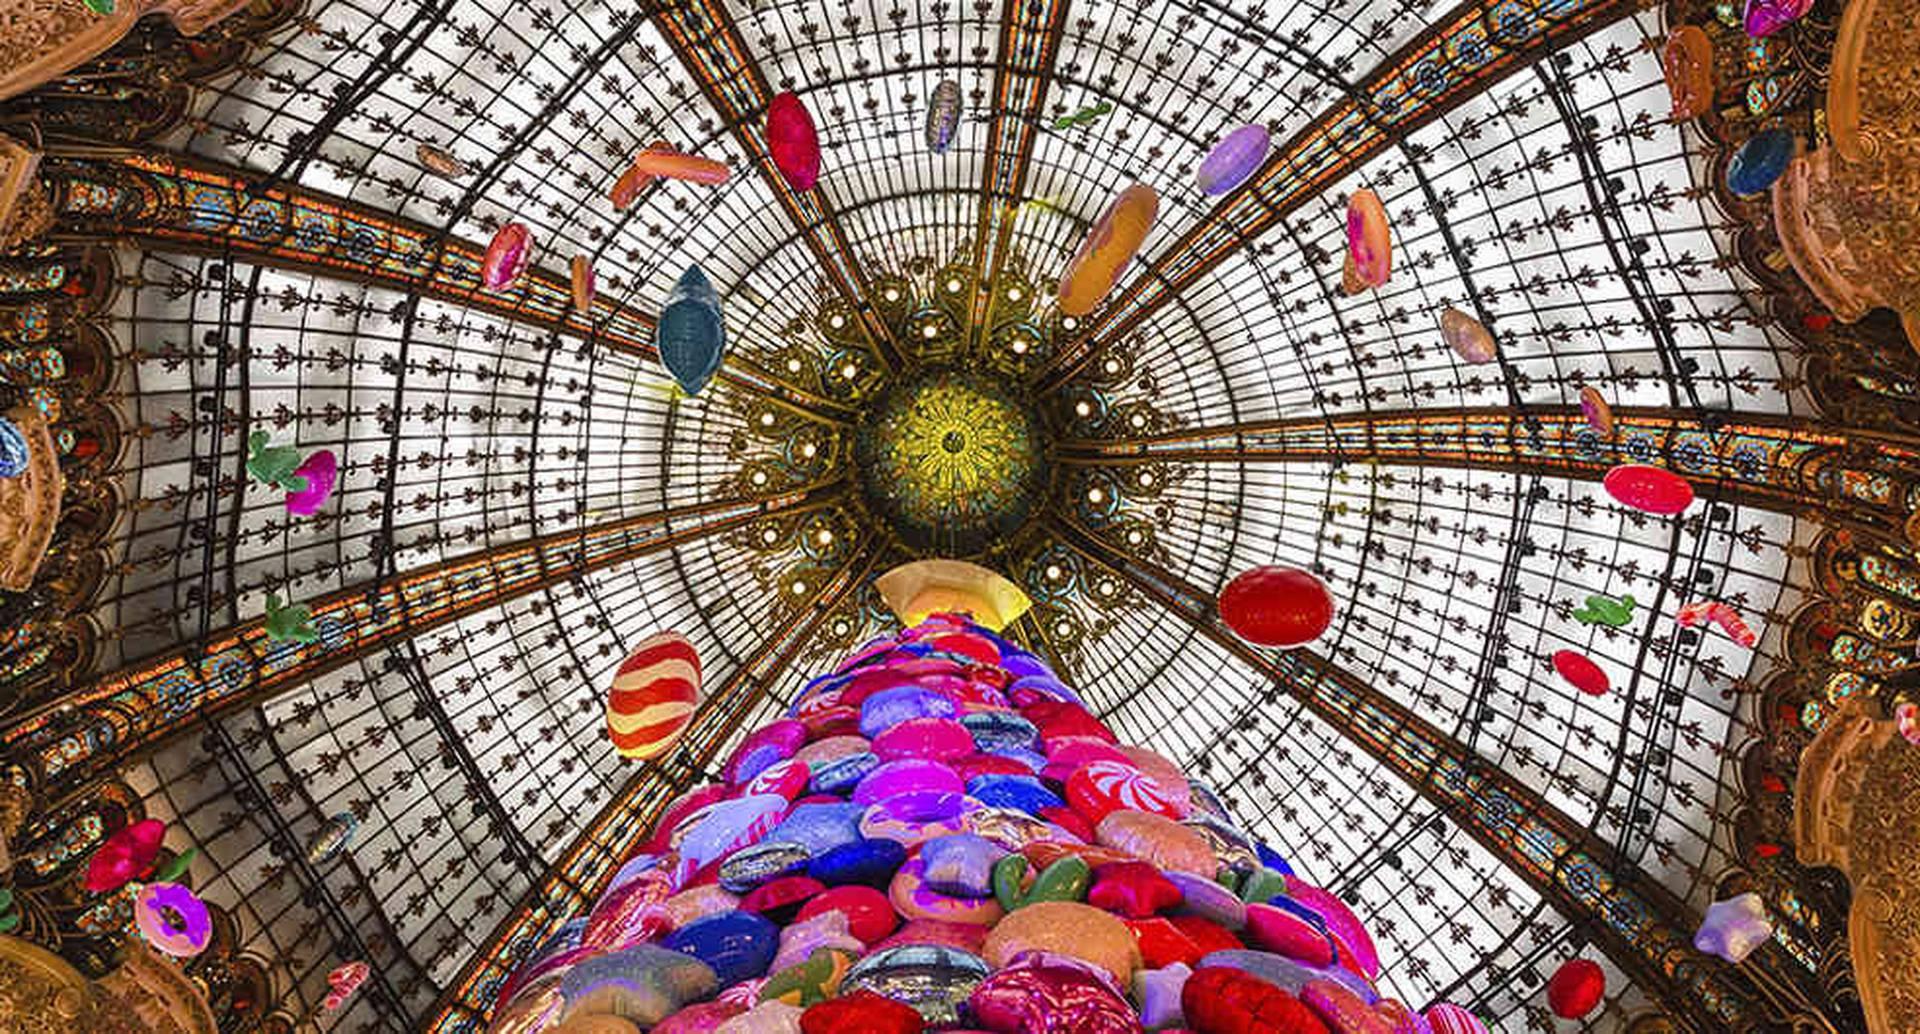 Interior del centro comercial Galería Lafayette, ubicado en el bulevar Haussmann, en París.